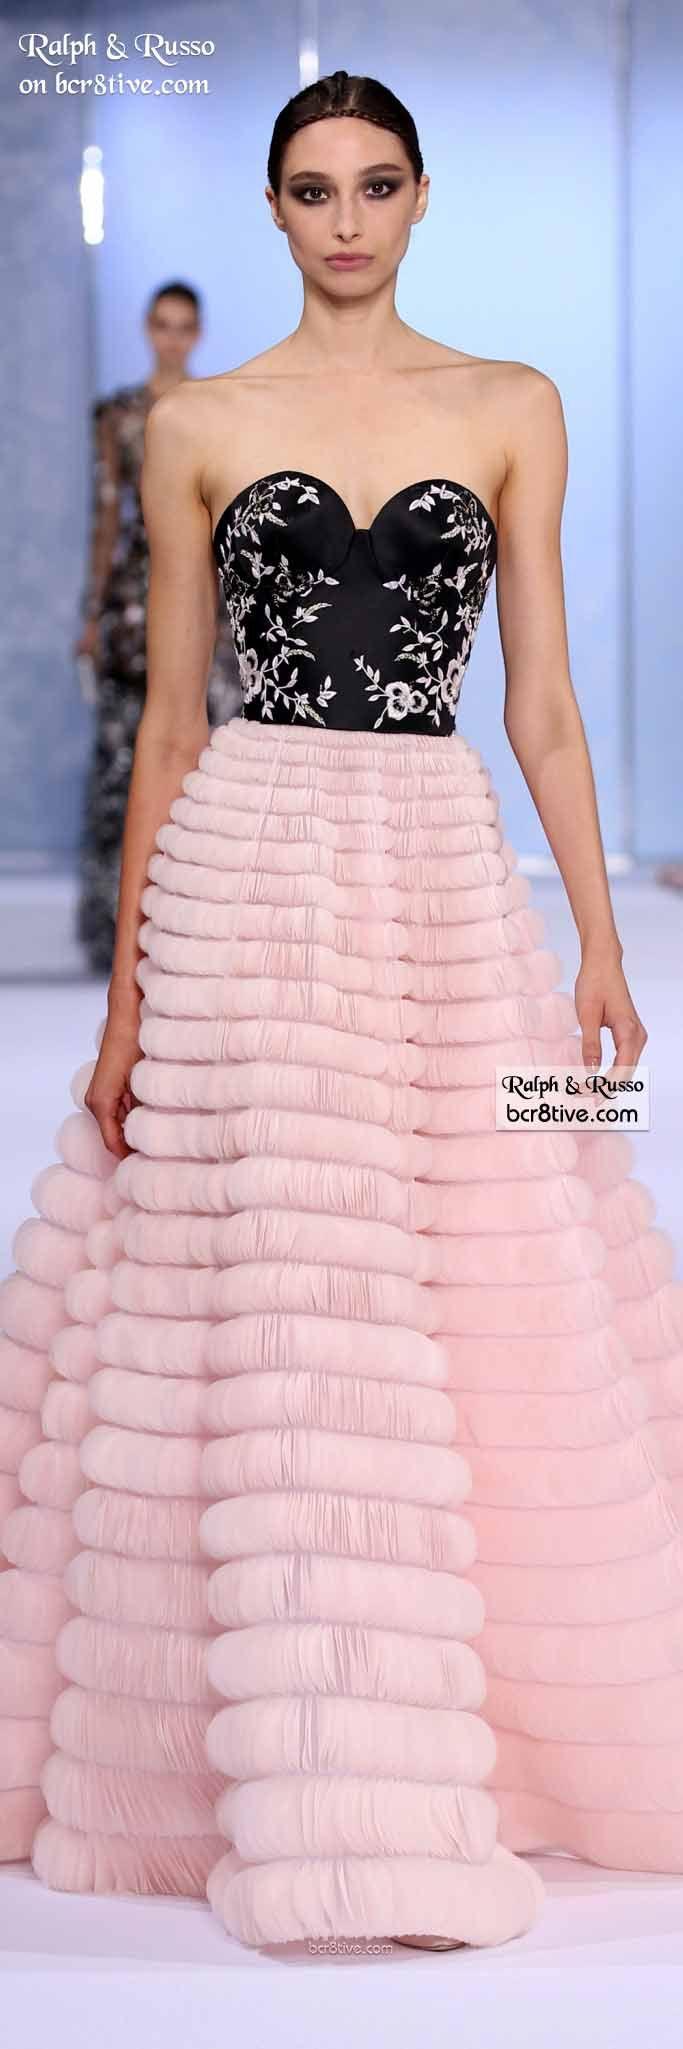 Moderno Vestidos De Cóctel De Glamour Motivo - Colección de Vestidos ...